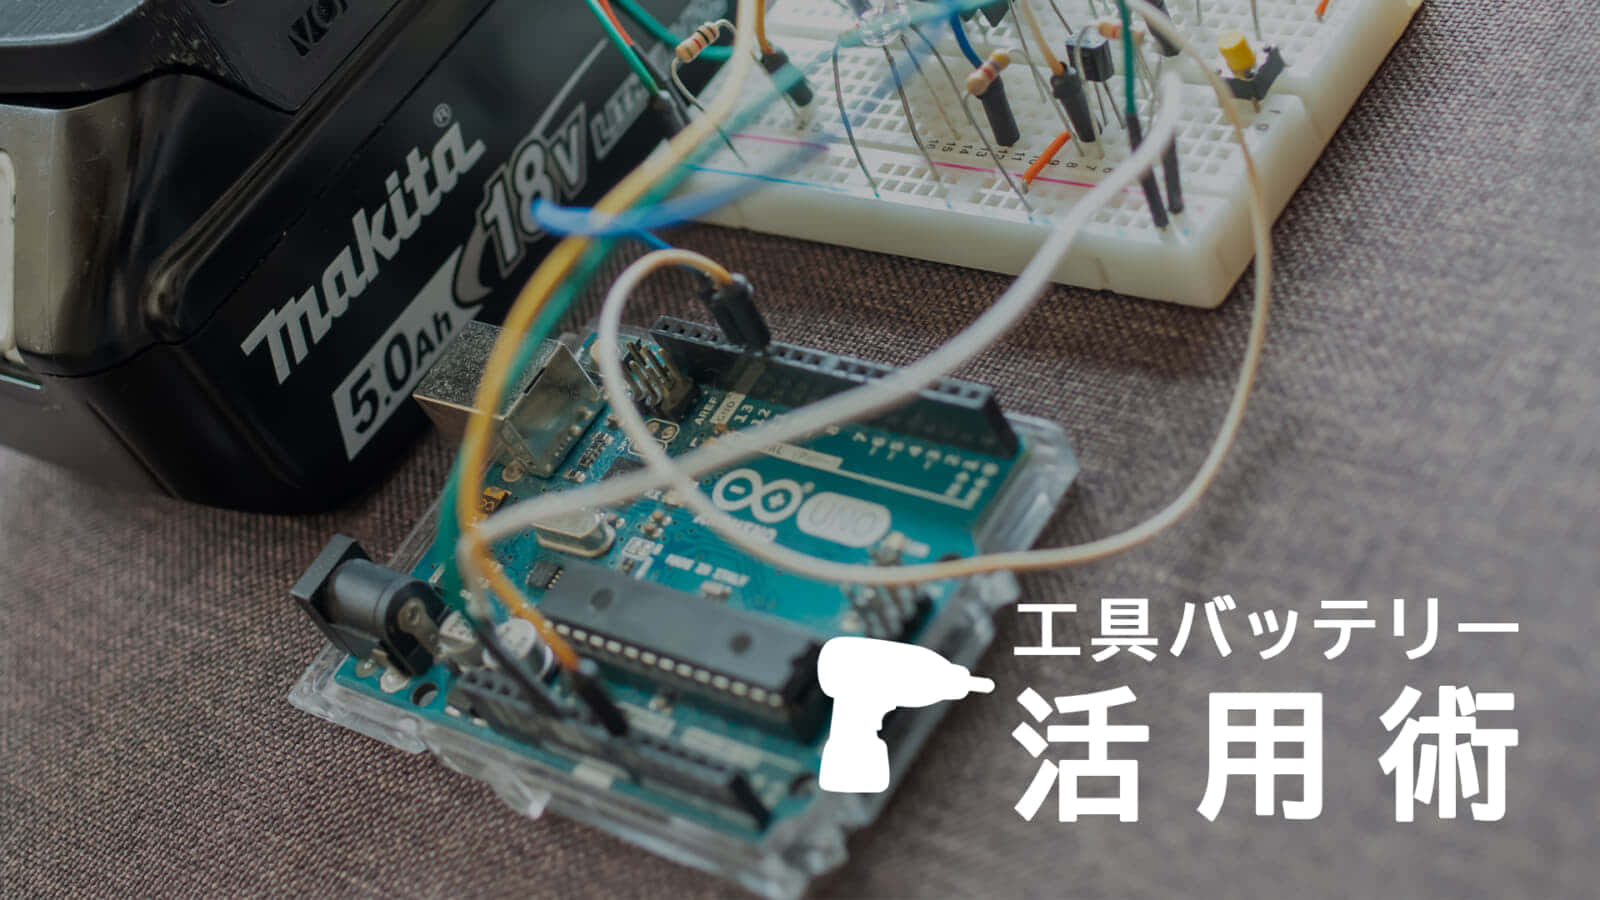 工具用バッテリーを電子工作に使う①【イントロダクション】